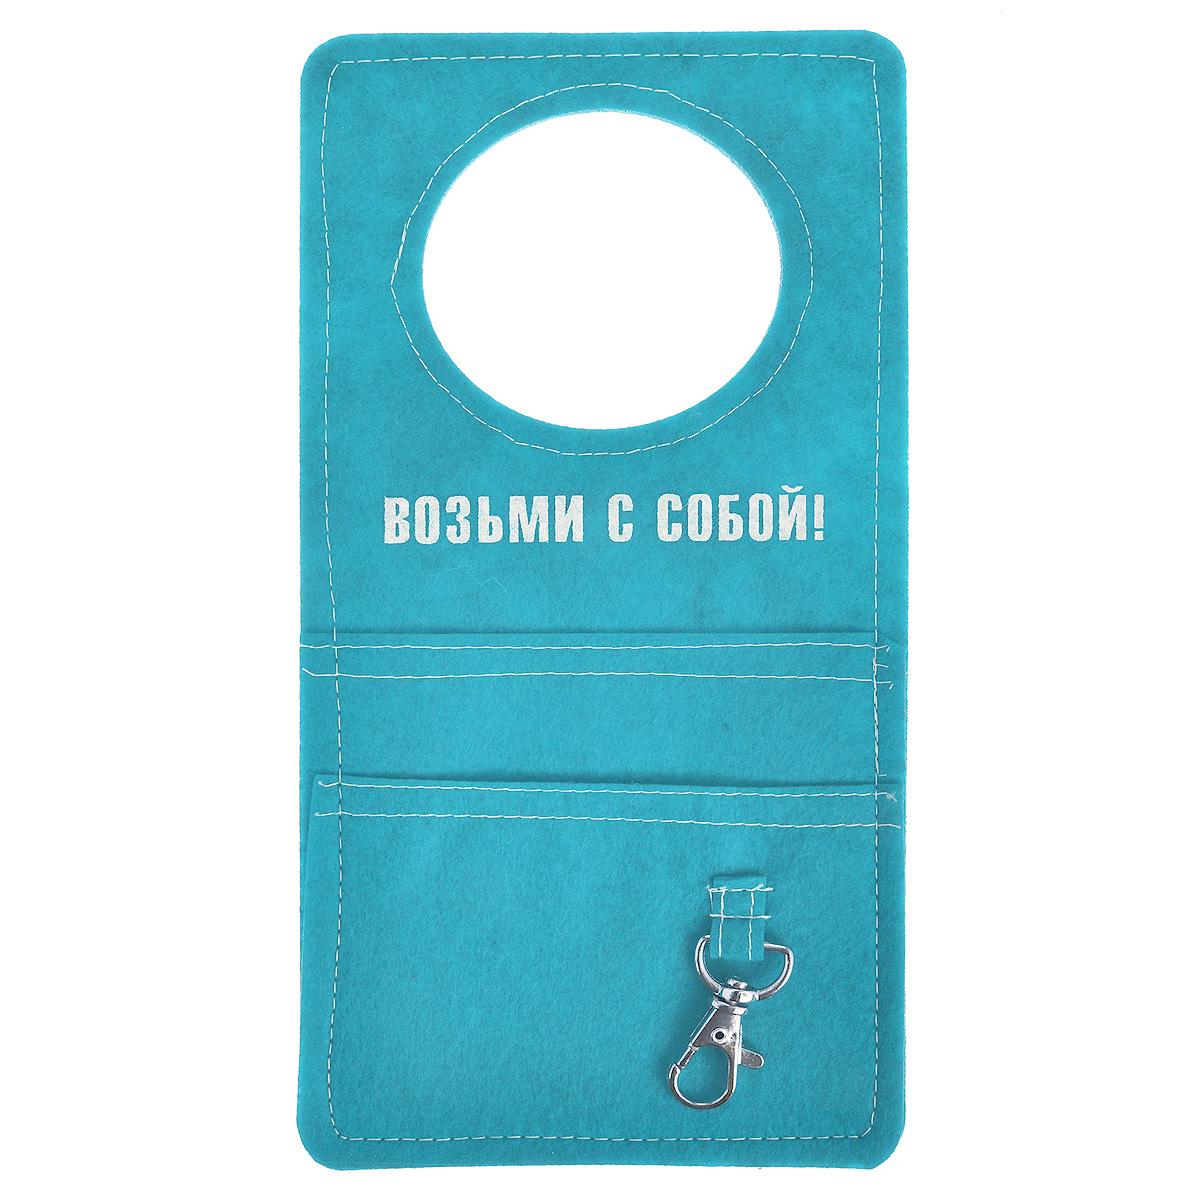 """Ярлык на дверную ручку Феникс-презент """"Возьми с собой!"""", с карманами и карабином, цвет: голубой, 25 см х 12 см х 0,3 см"""